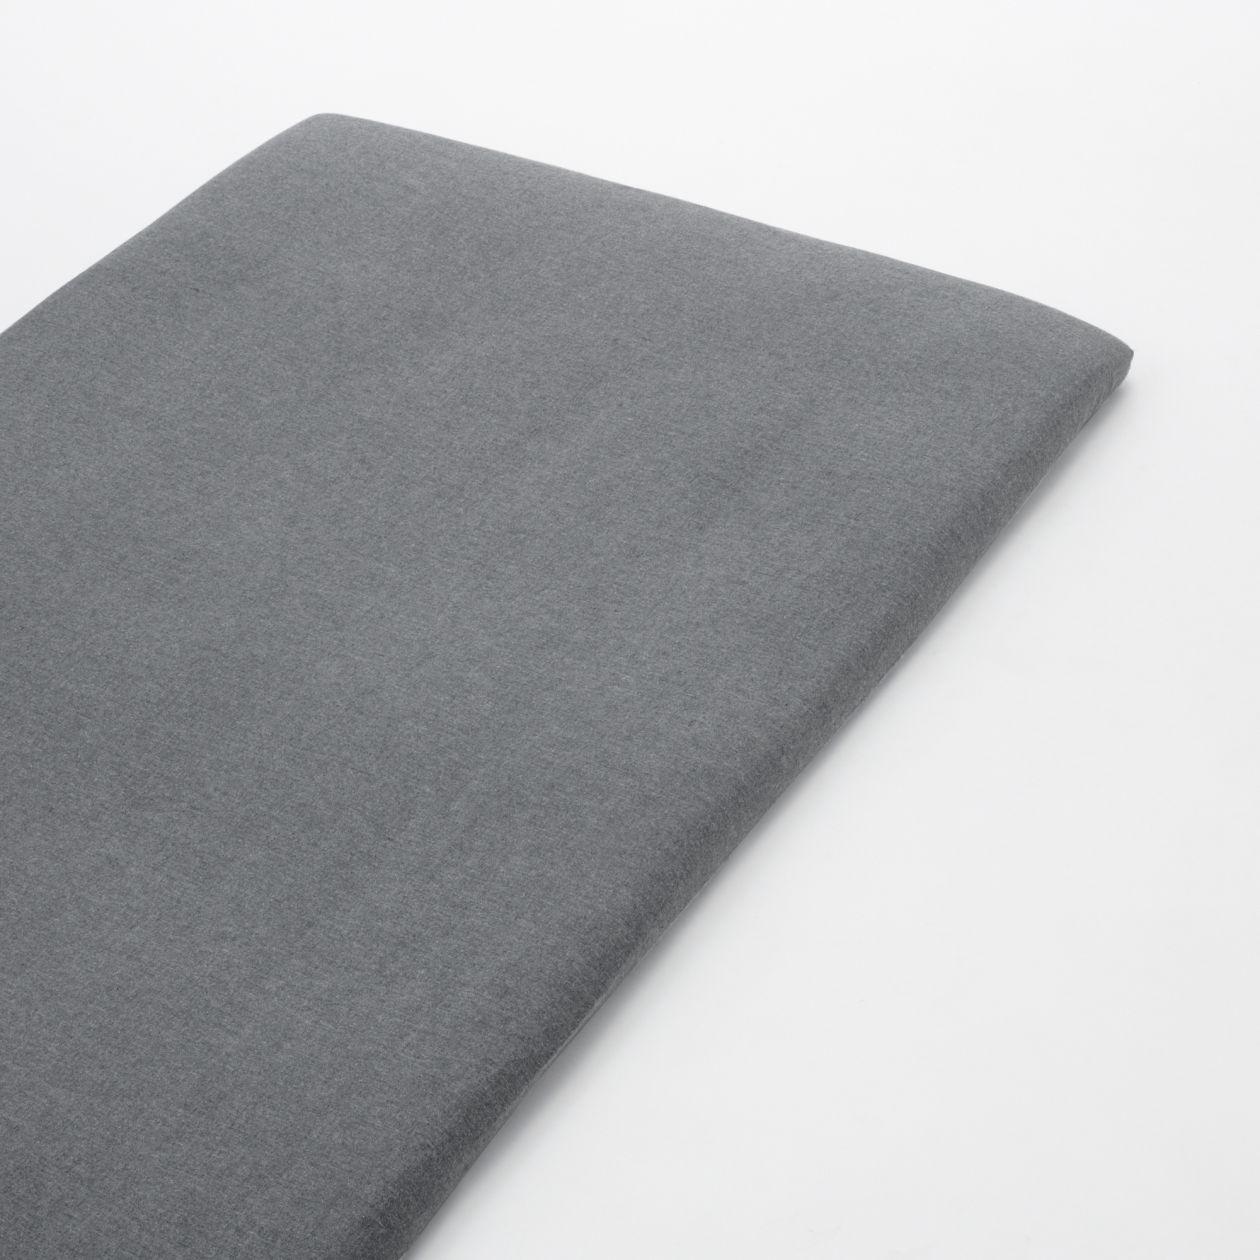 綿フランネル敷ふとんシーツ・ゴム付き・S/杢グレー